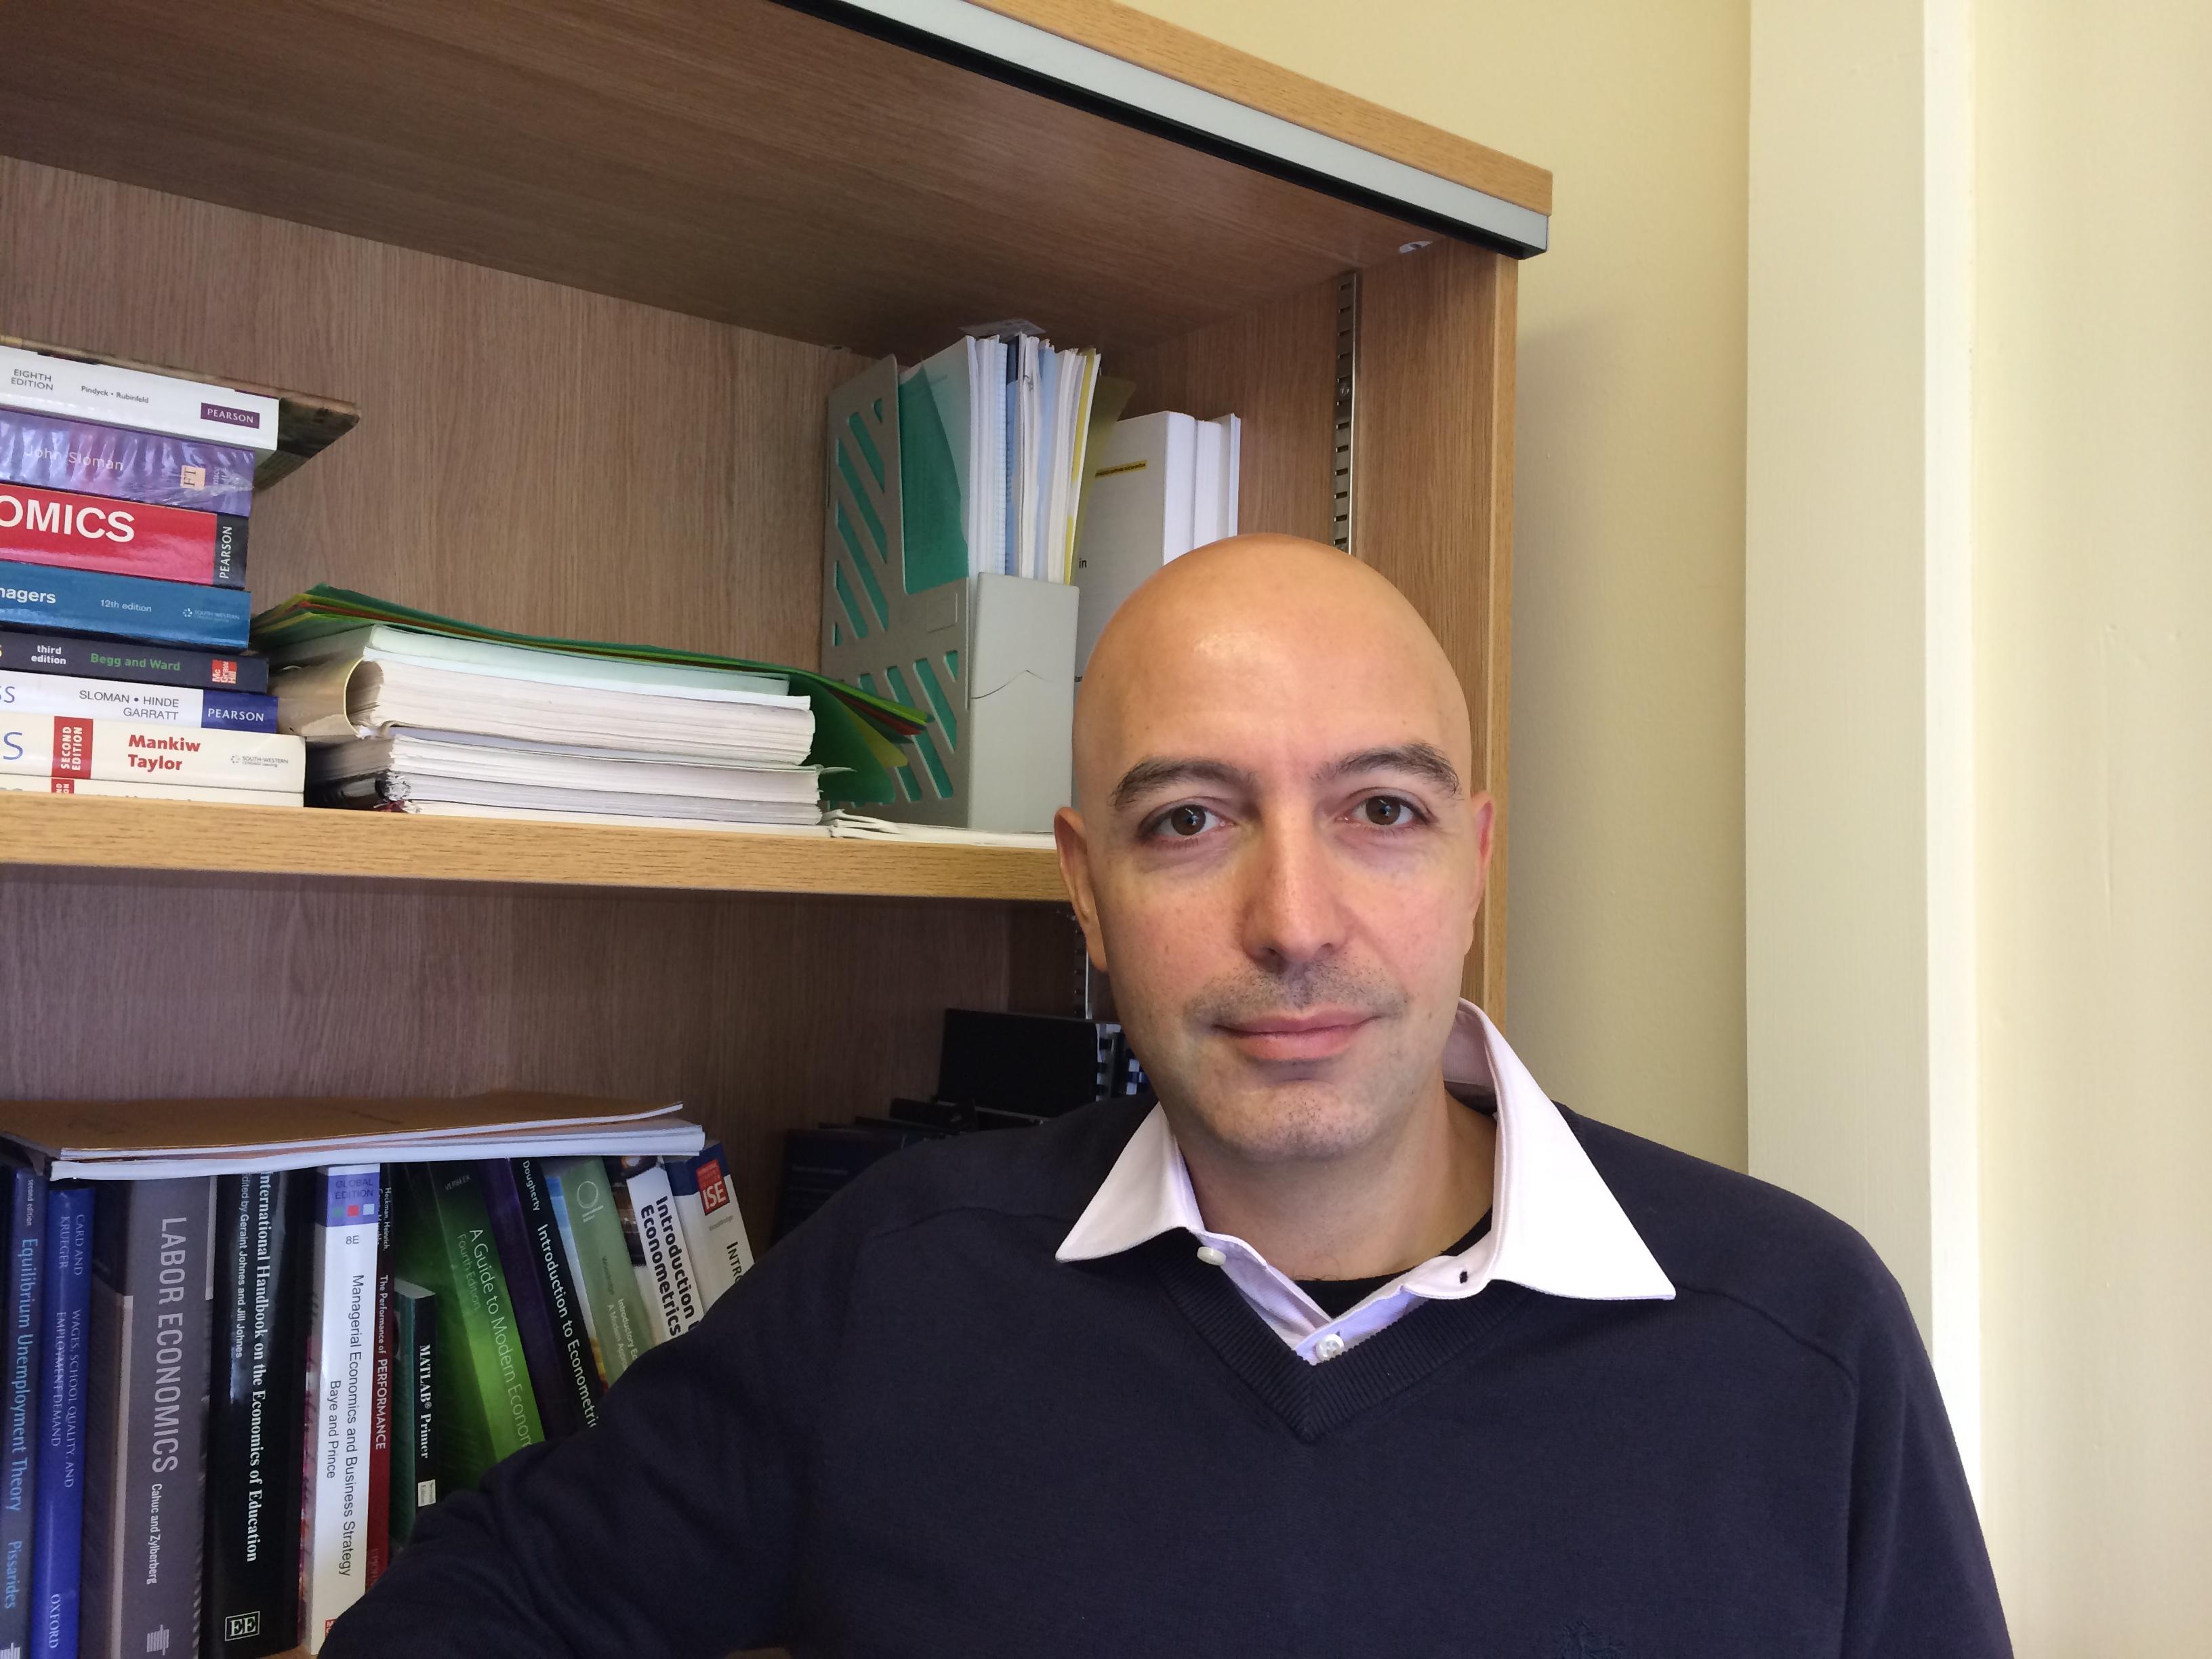 Giuseppe Migali